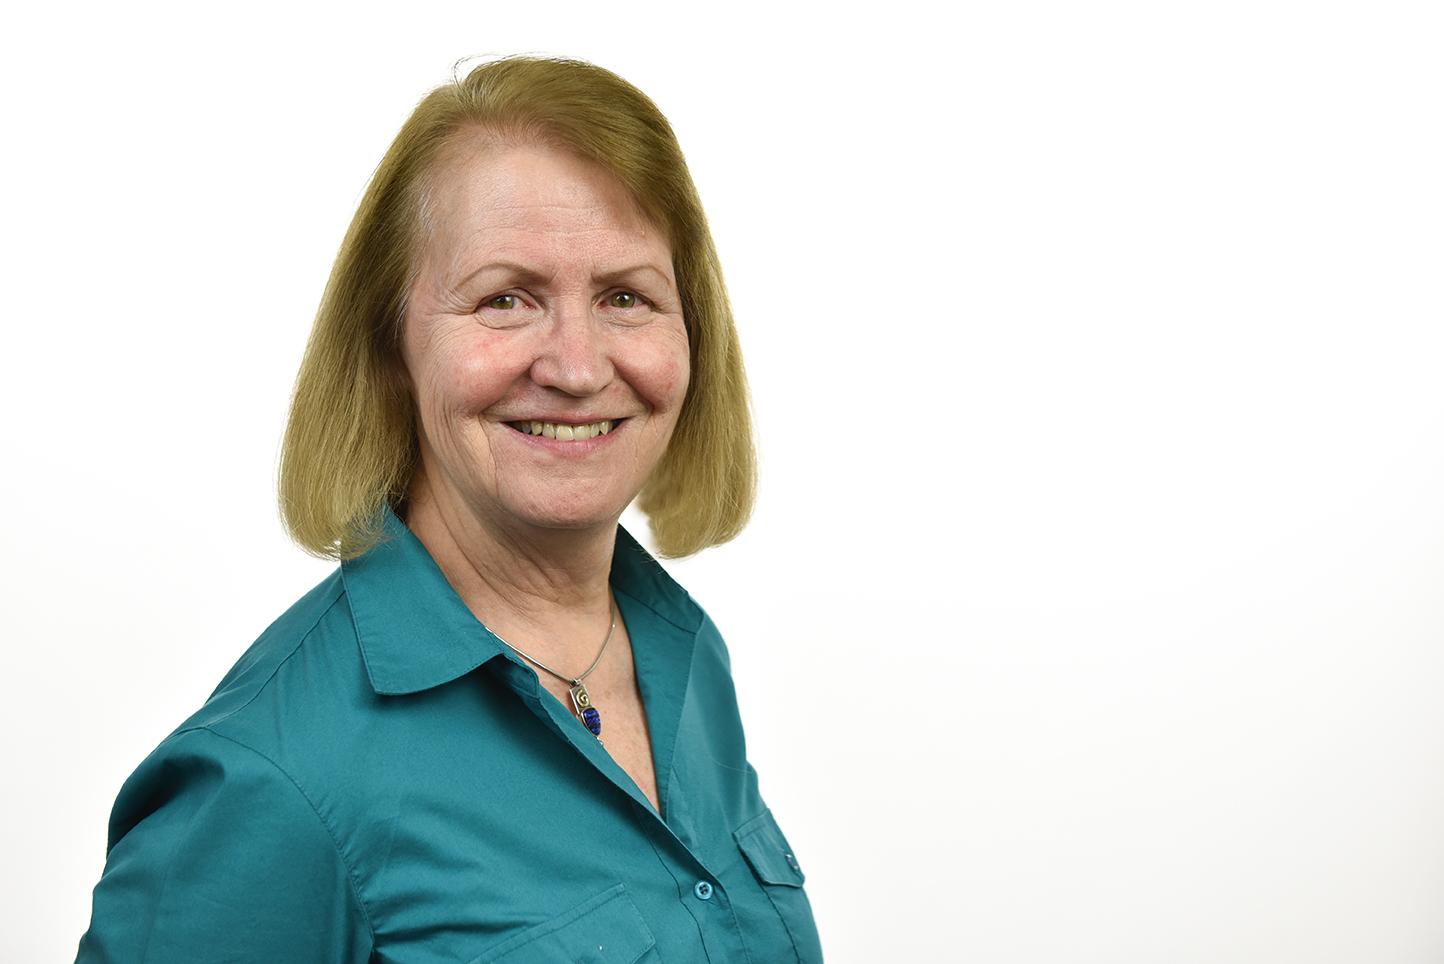 Karin Rodland